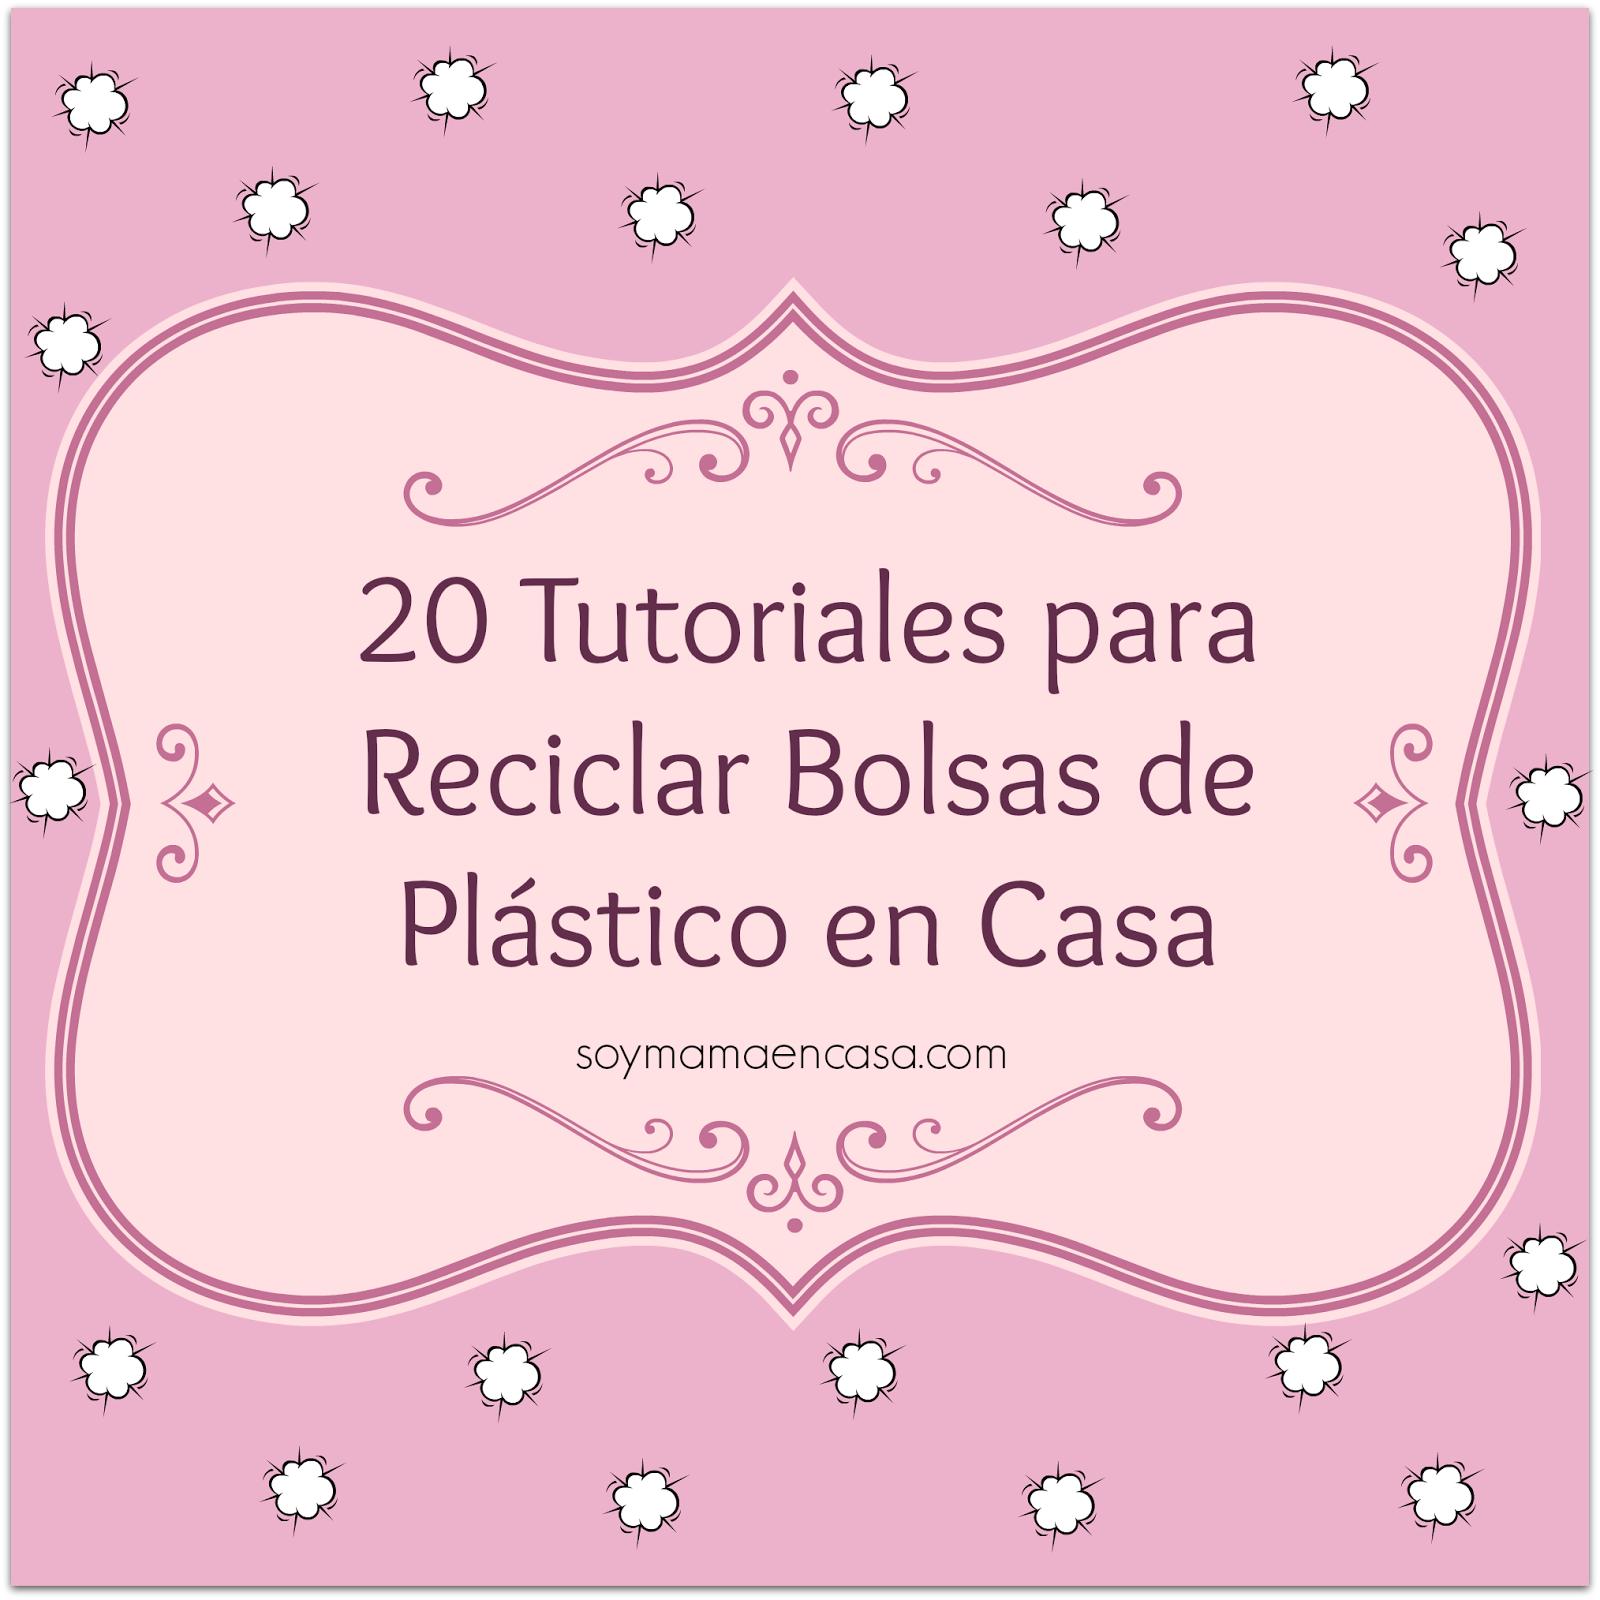 20 ideas para reciclar bolsas de plastico manualidades - La casa de las manualidades ...